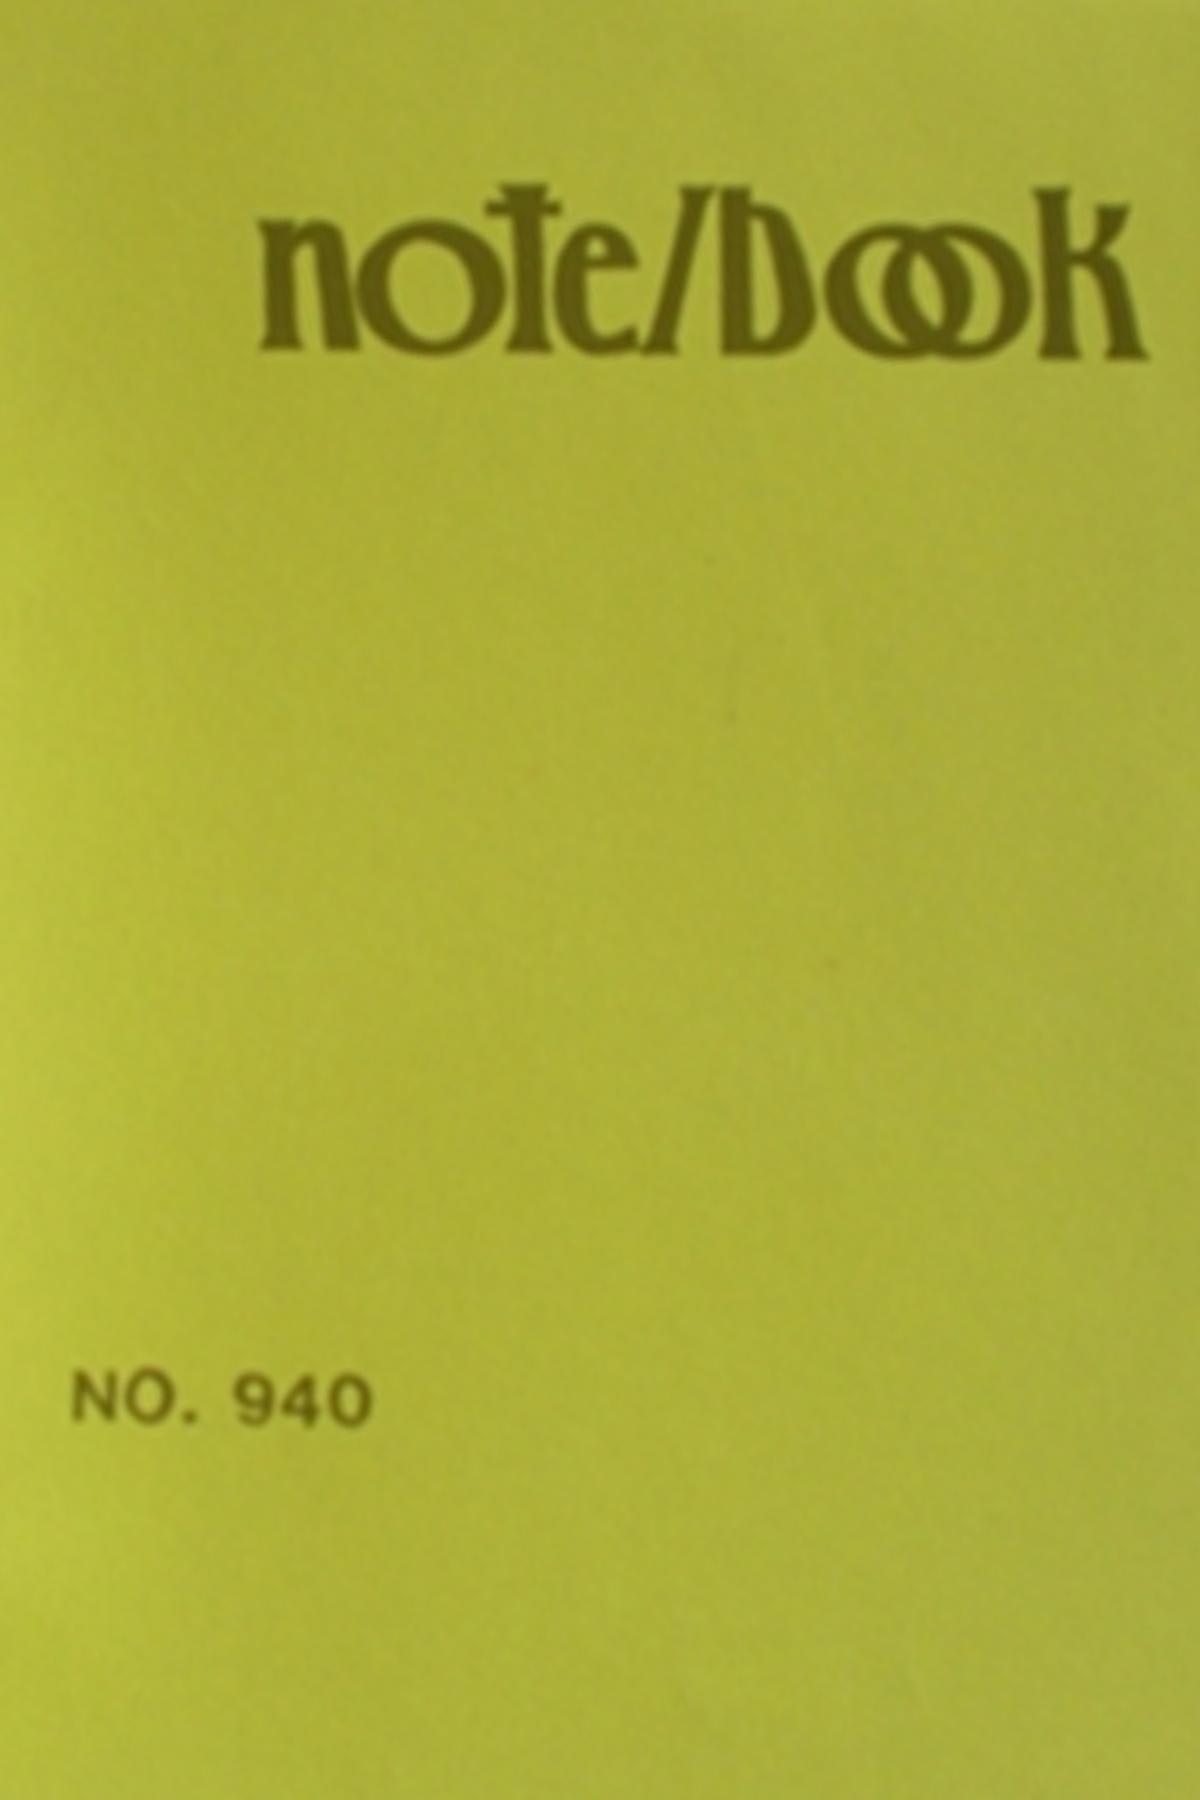 สมุดปกอ่อน Venus 940